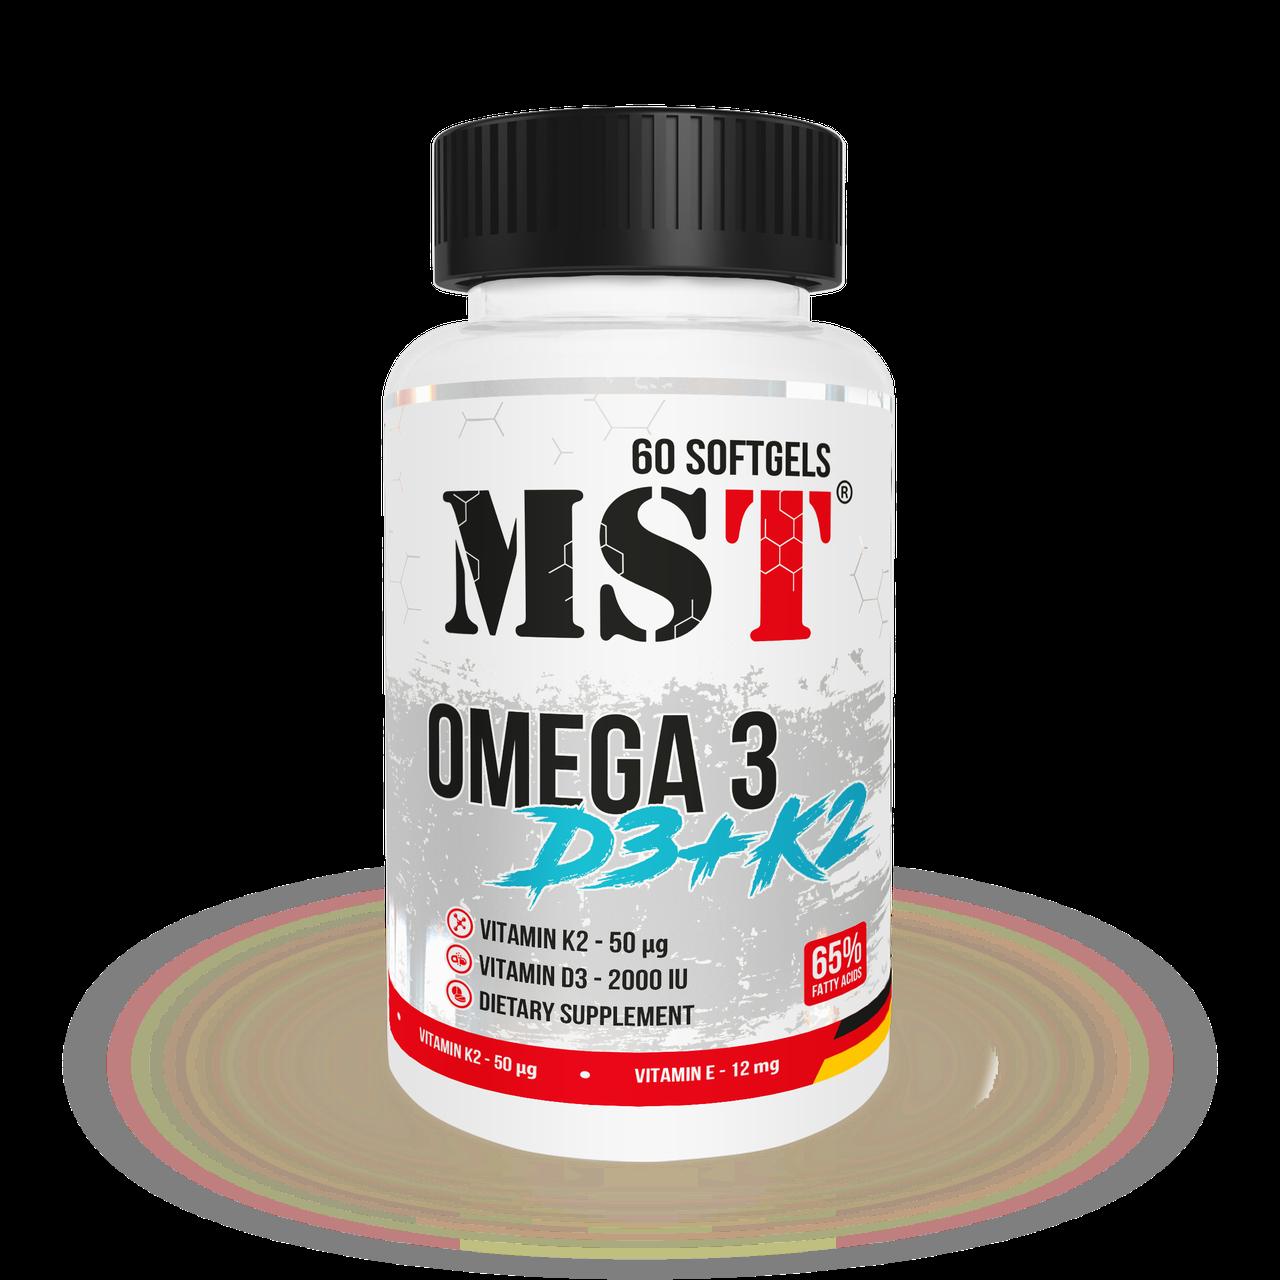 MST omega 3 + D3 + K2 - 60 caps